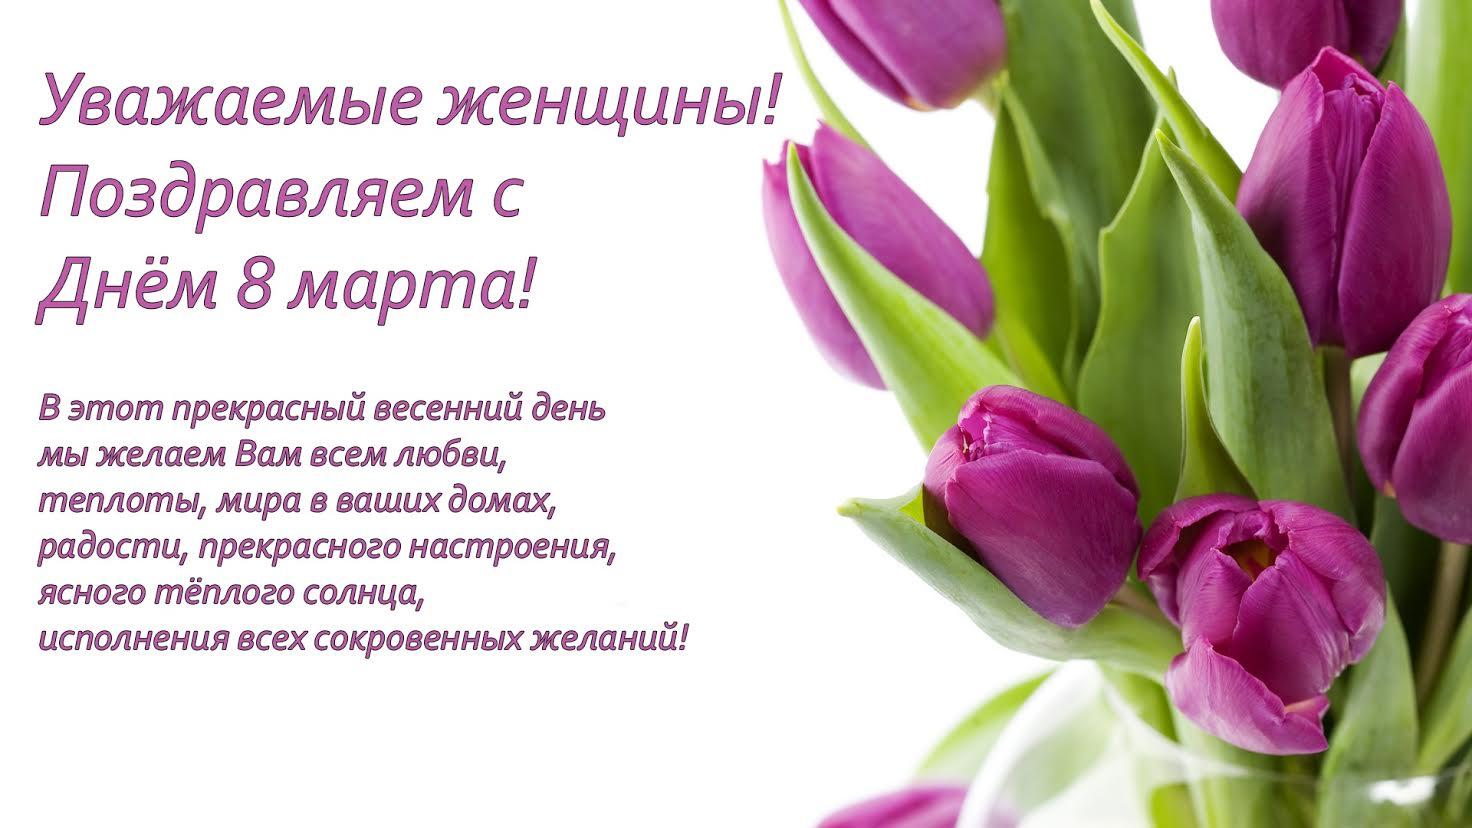 Открытки с 8 марта в прозе женщинам от женщин, открытки новый